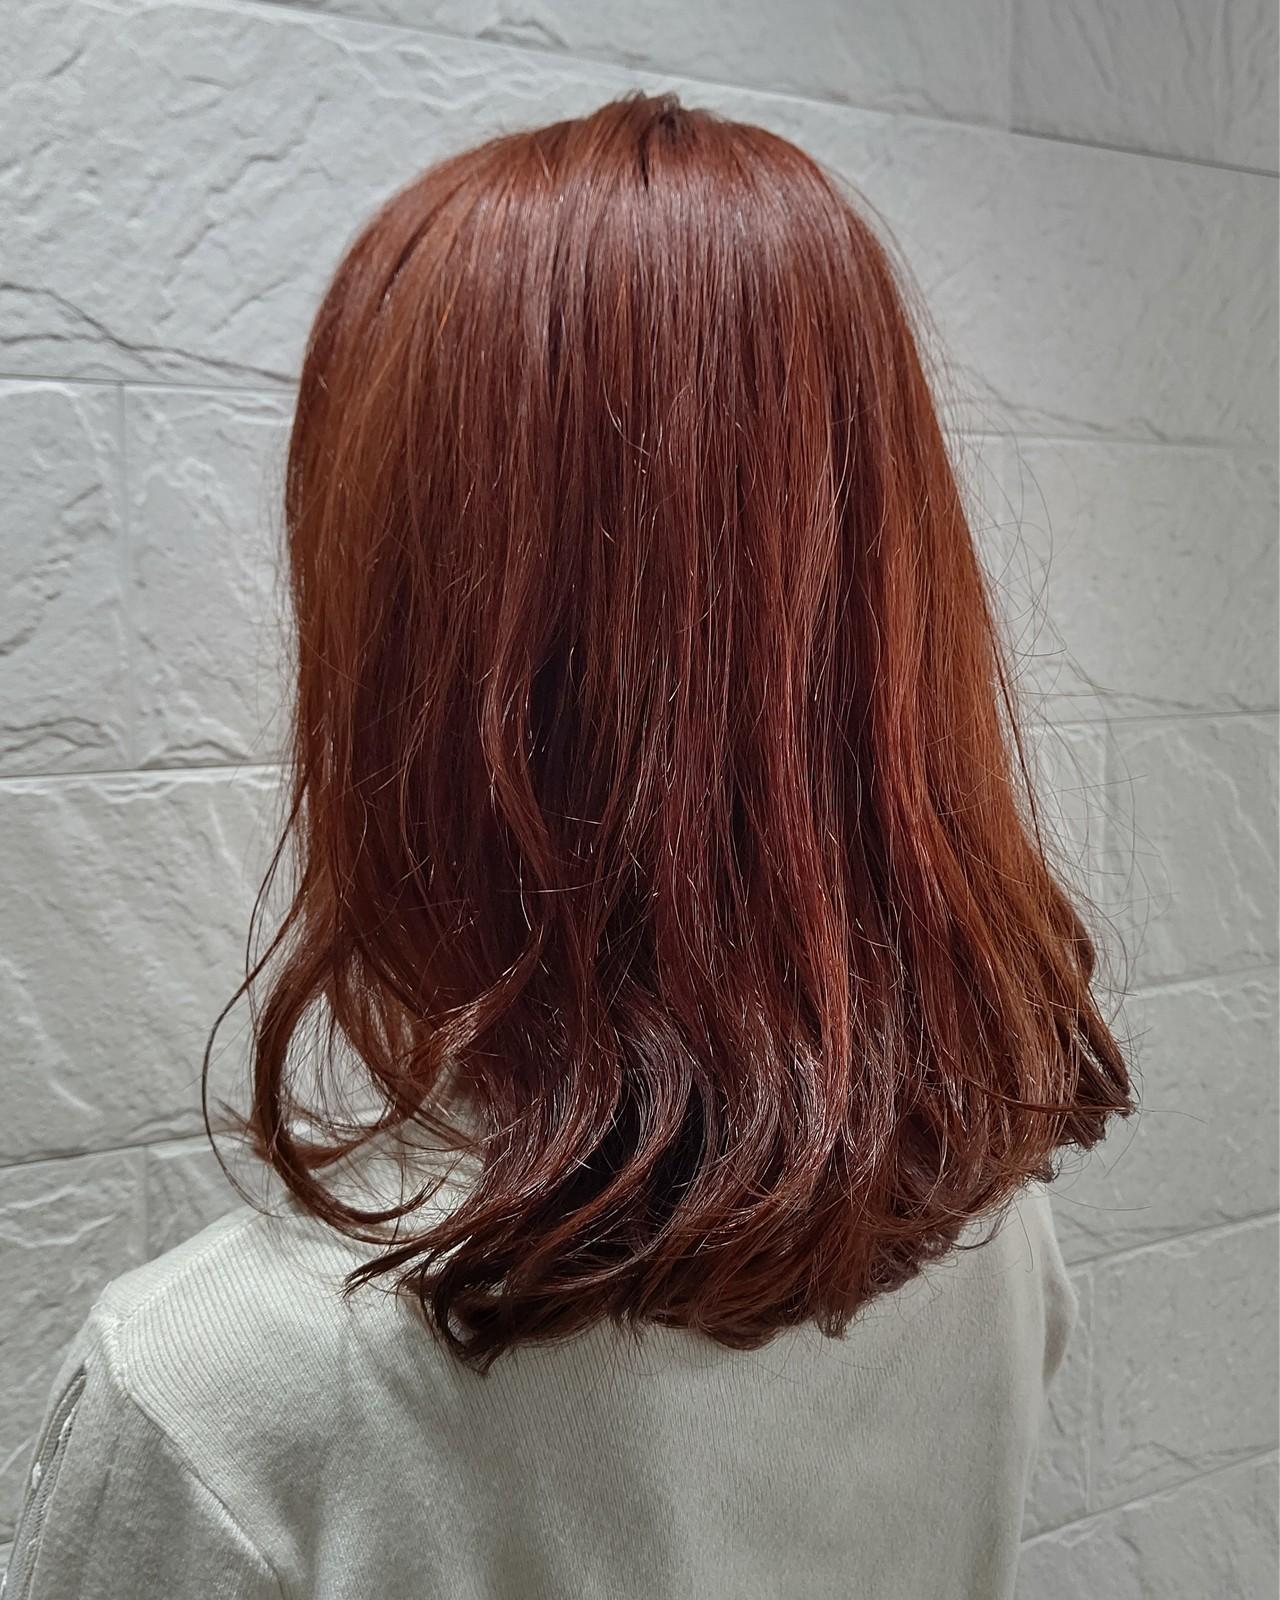 オレンジカラー ノーブリーチ アプリコットオレンジ かわいいヘアスタイルや髪型の写真・画像